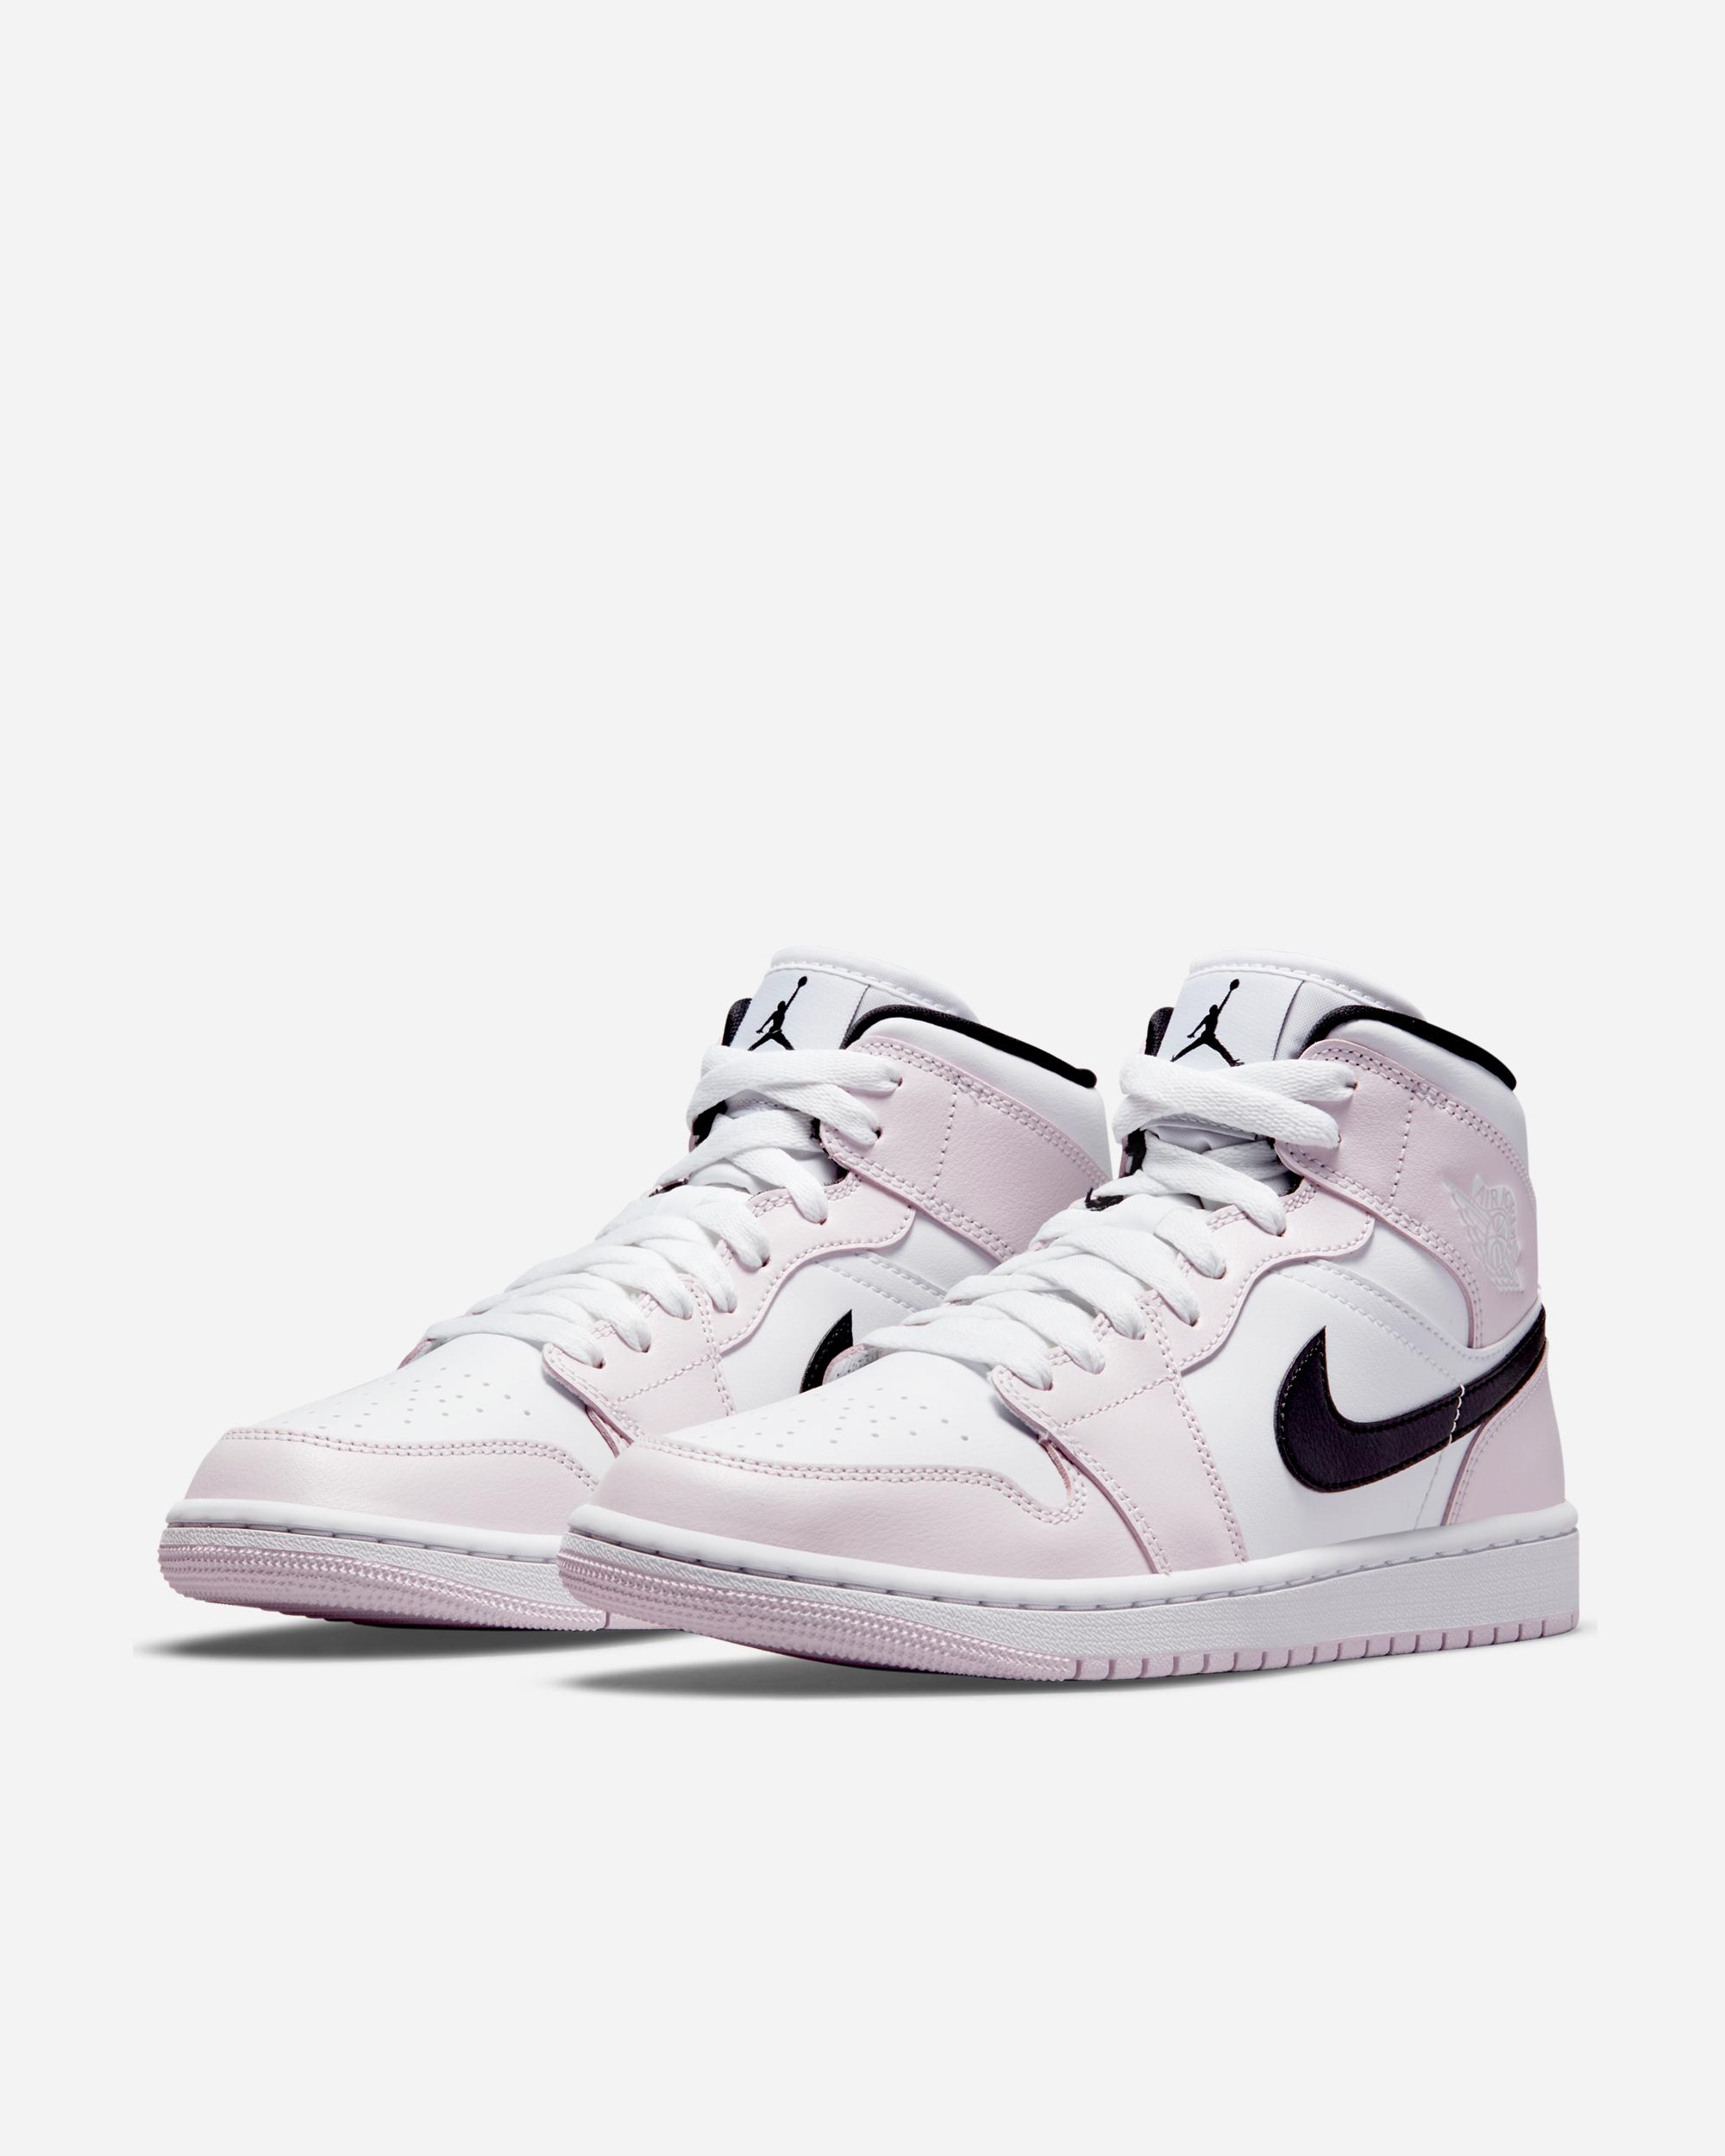 Jordan Brand Air Jordan 1 Mid Light Violet/White   BQ6472 500